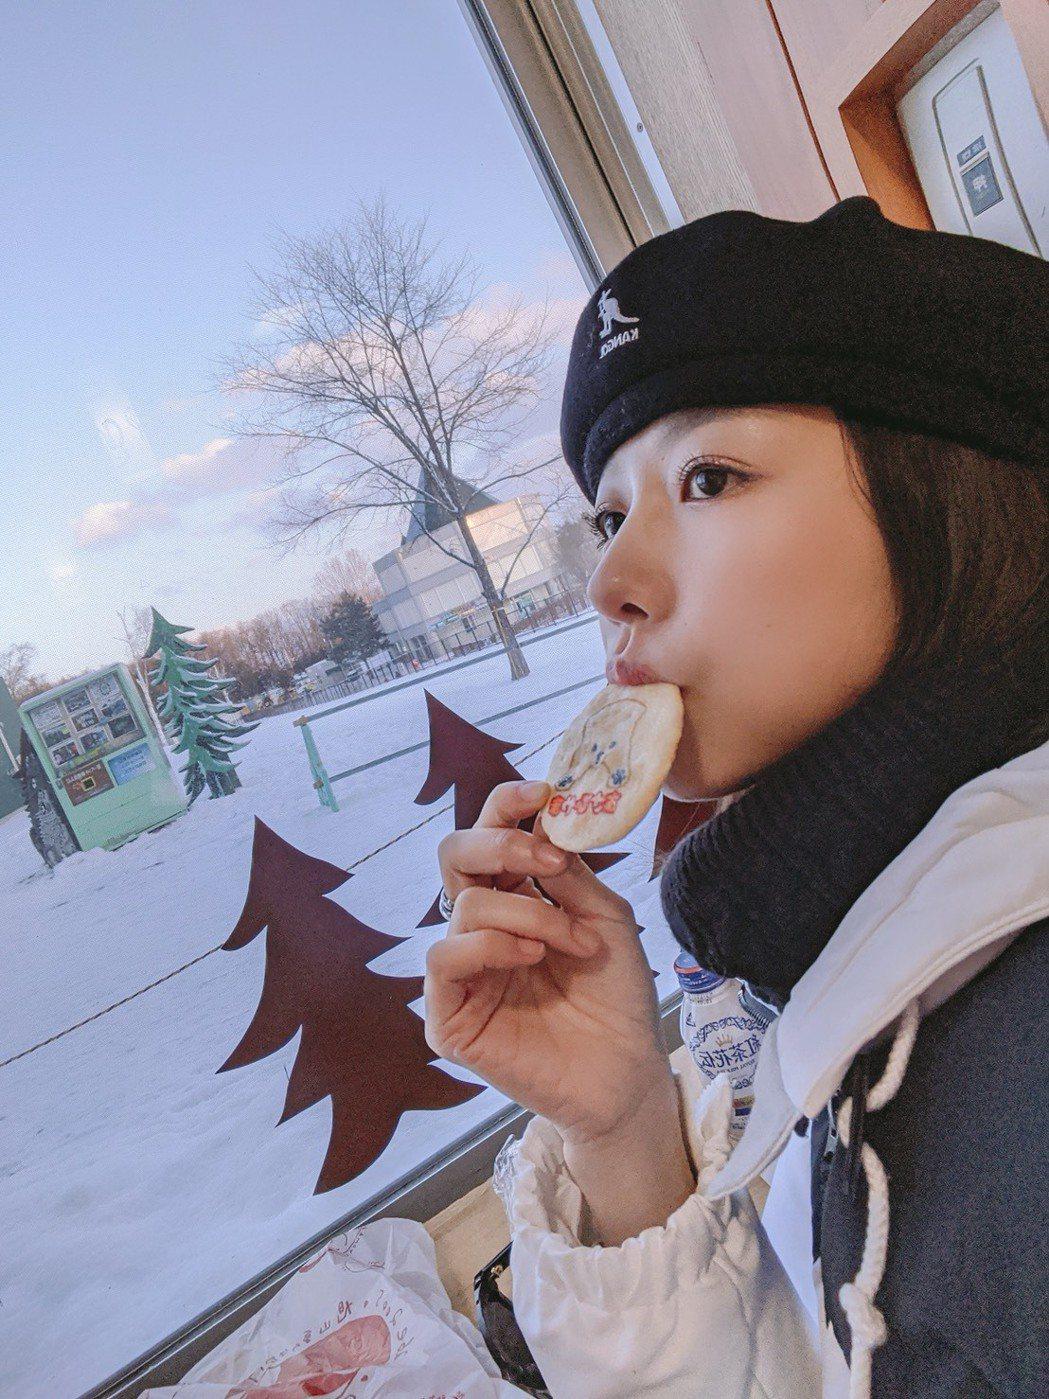 邵雨薇到北海道一個人旅行好愜意。圖/多曼尼提供